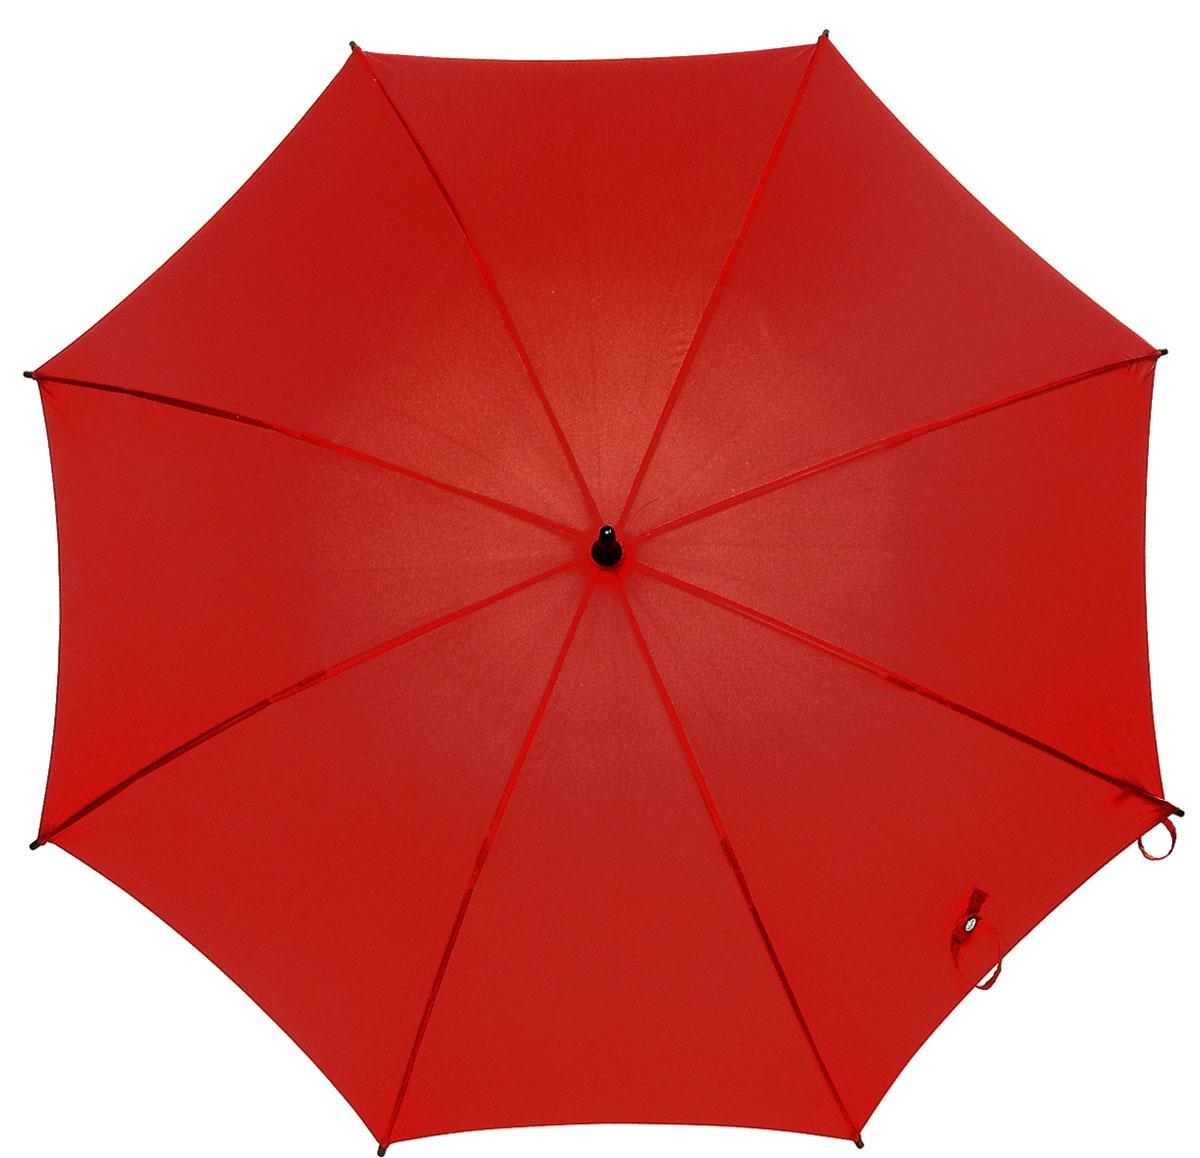 Зонт-трость женский Fulton Kensington, механический, цвет: темно-красный. L776-0258B035000M/18075/3900NМодный механический зонт-трость Fulton Kensington даже в ненастную погоду позволит вам оставаться стильной и элегантной. Каркас зонта состоит из 8 спиц и стержня из фибергласса. Купол зонта выполнен из прочного полиэстера. Изделие оснащено удобной рукояткой из дерева.Зонт механического сложения: купол открывается и закрывается вручную до характерного щелчка.Модель закрывается при помощи двух хлястиков на кнопках.Такой зонт не только надежно защитит вас от дождя, но и станет стильным аксессуаром, который идеально подчеркнет ваш неповторимый образ.